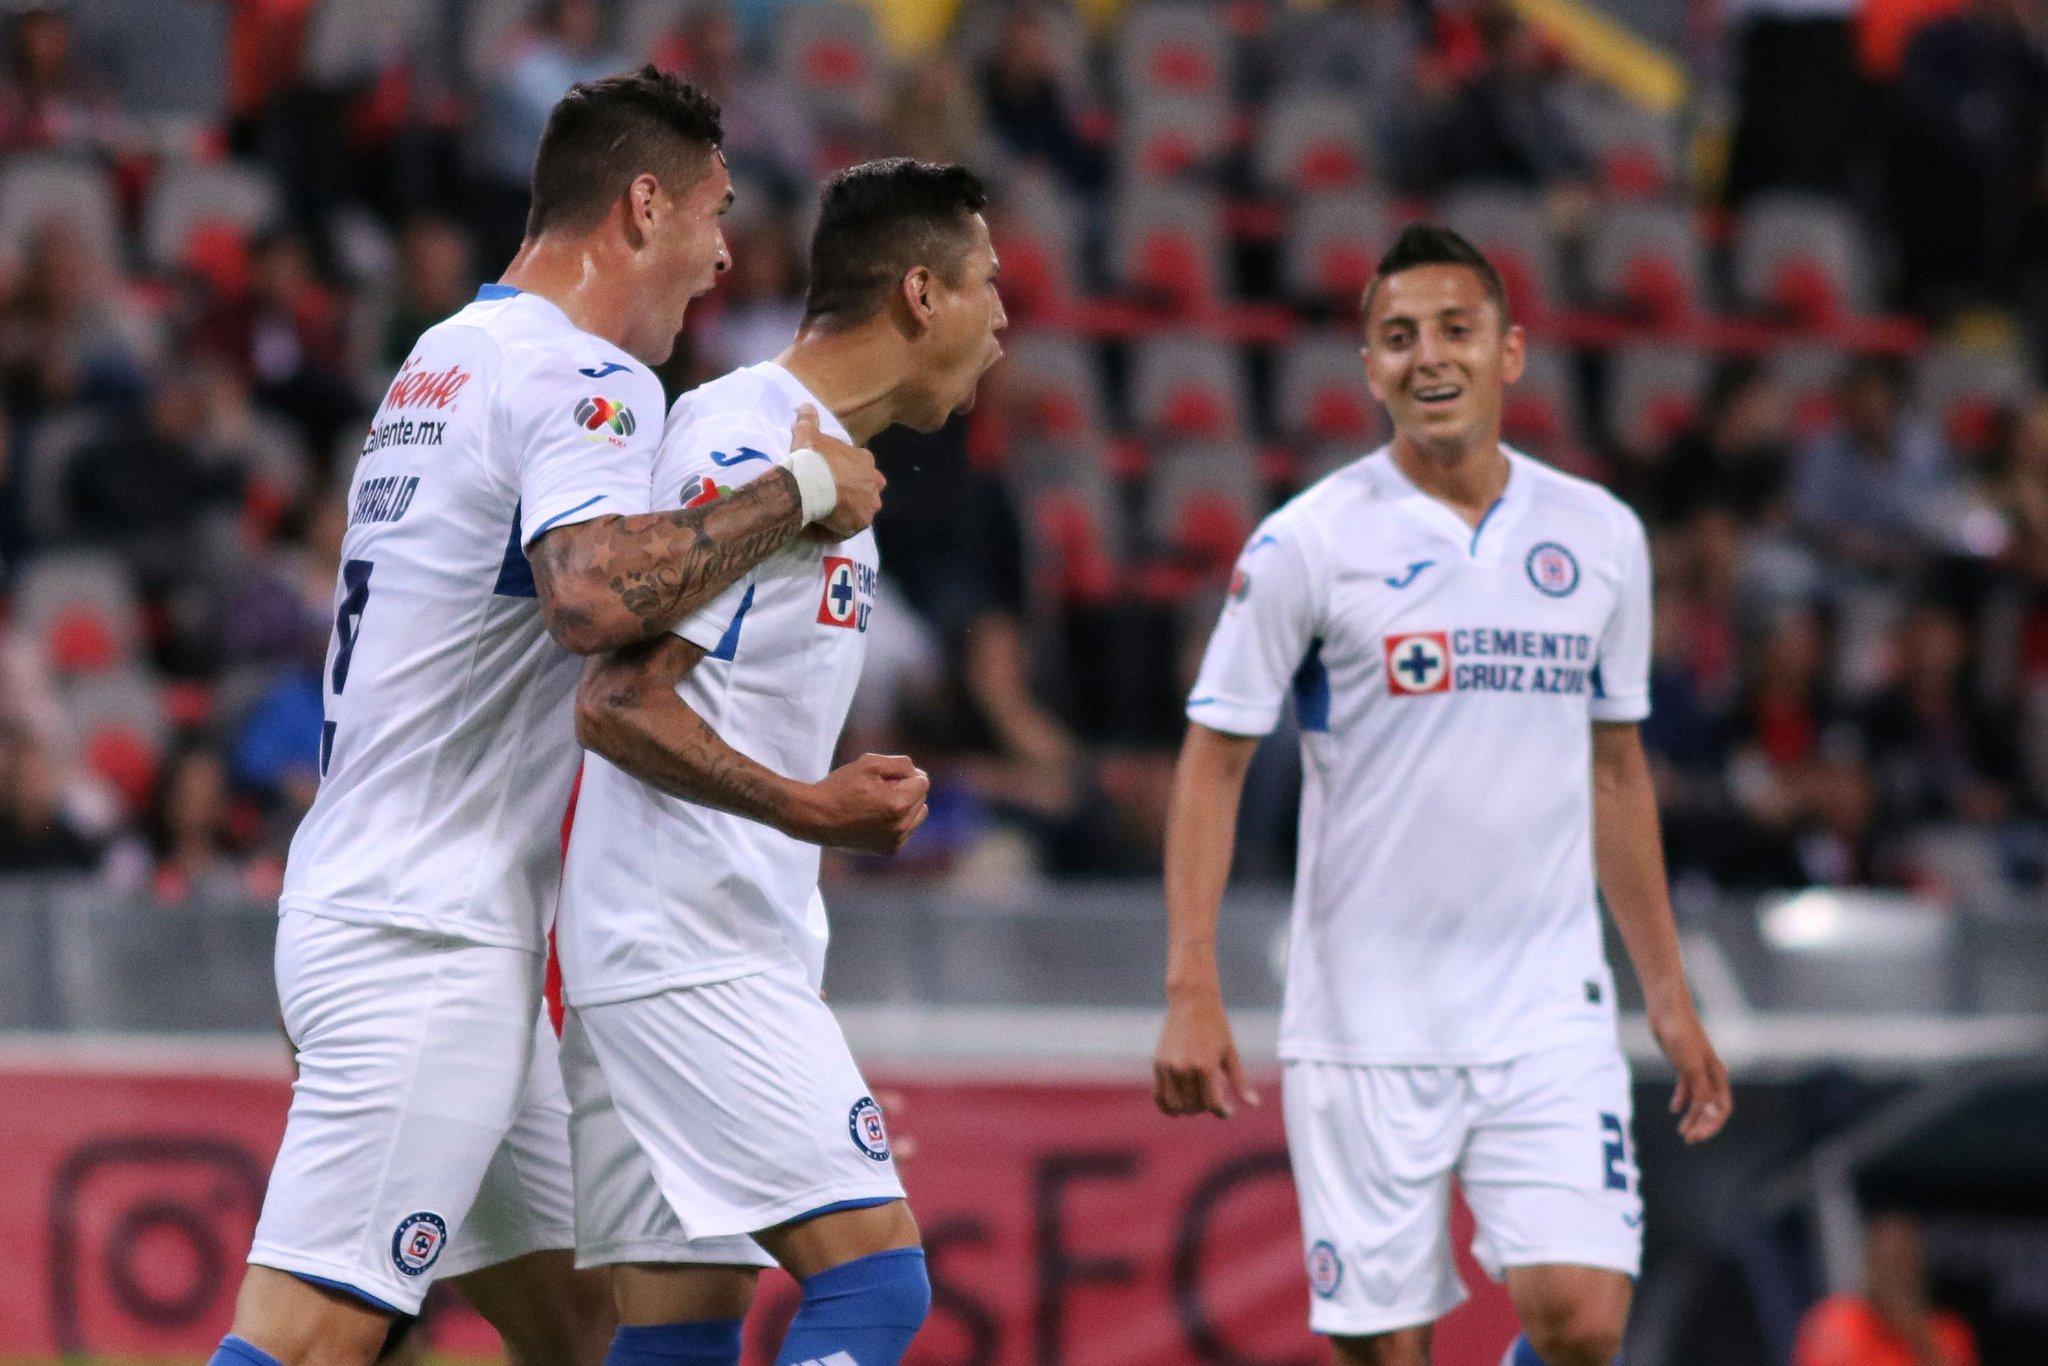 Cruz Azul gana 4-1 al Pachuca Fecha 11 2019